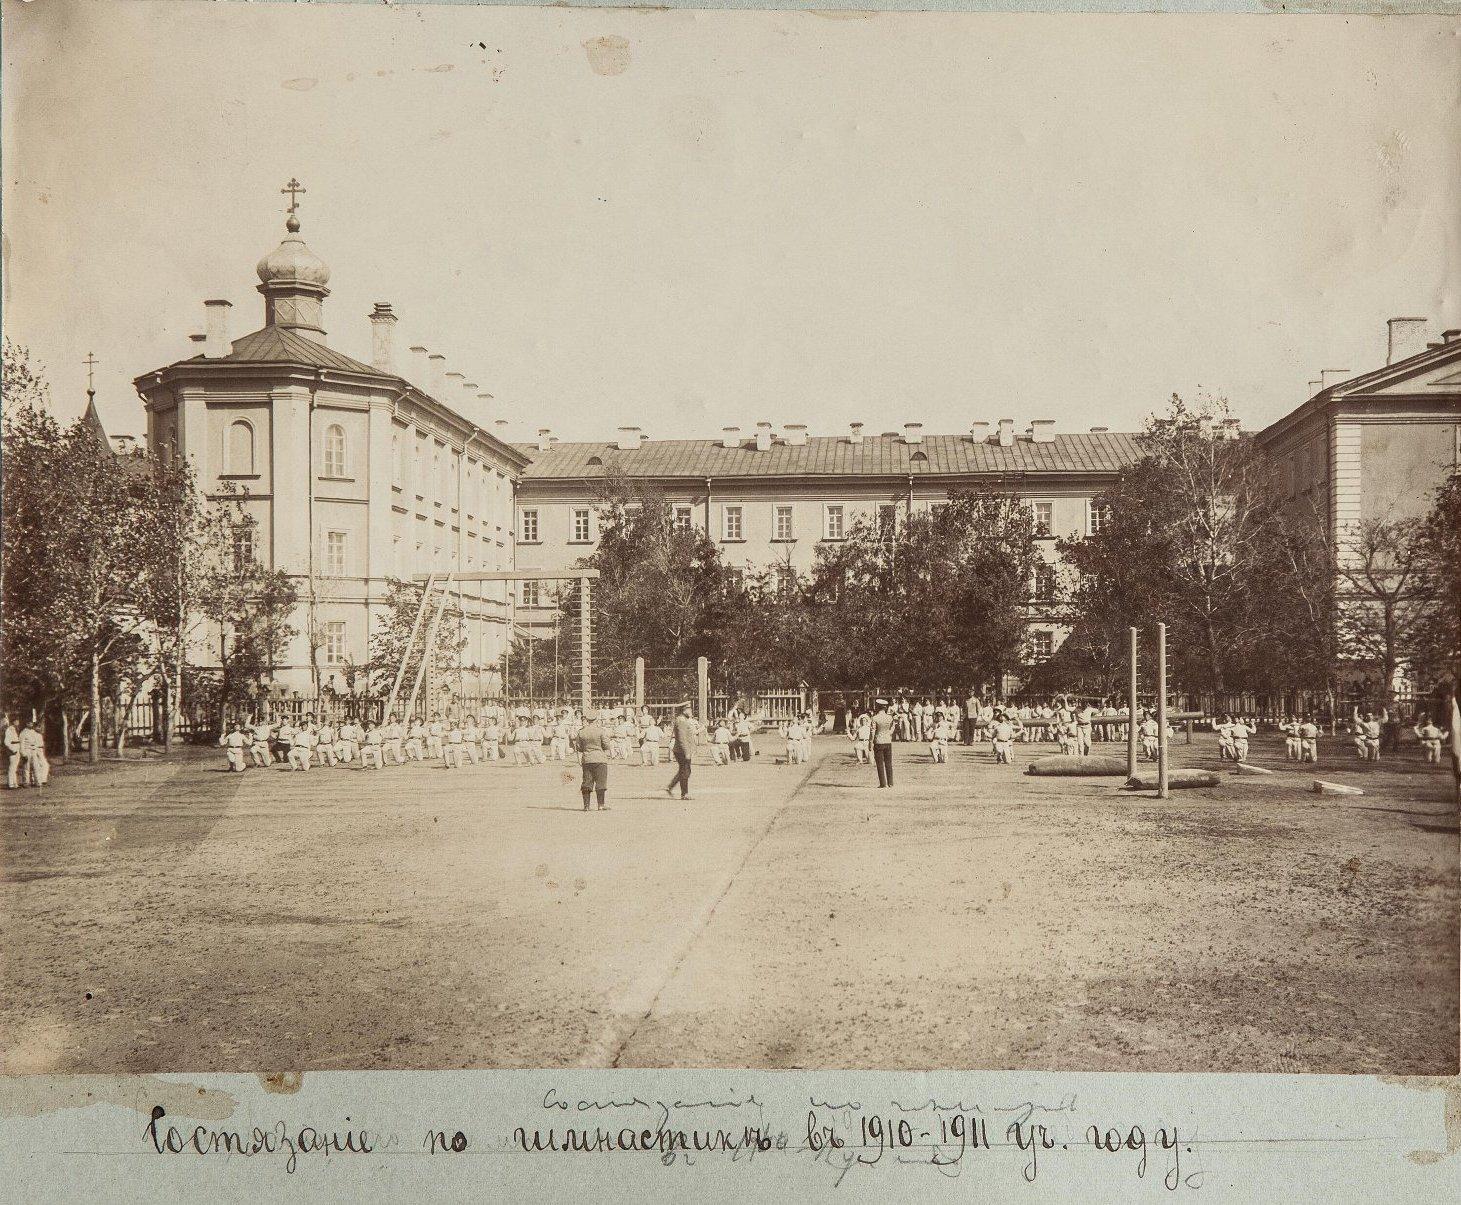 33. Состязания по гимнастике в 1910-1911 учебном году